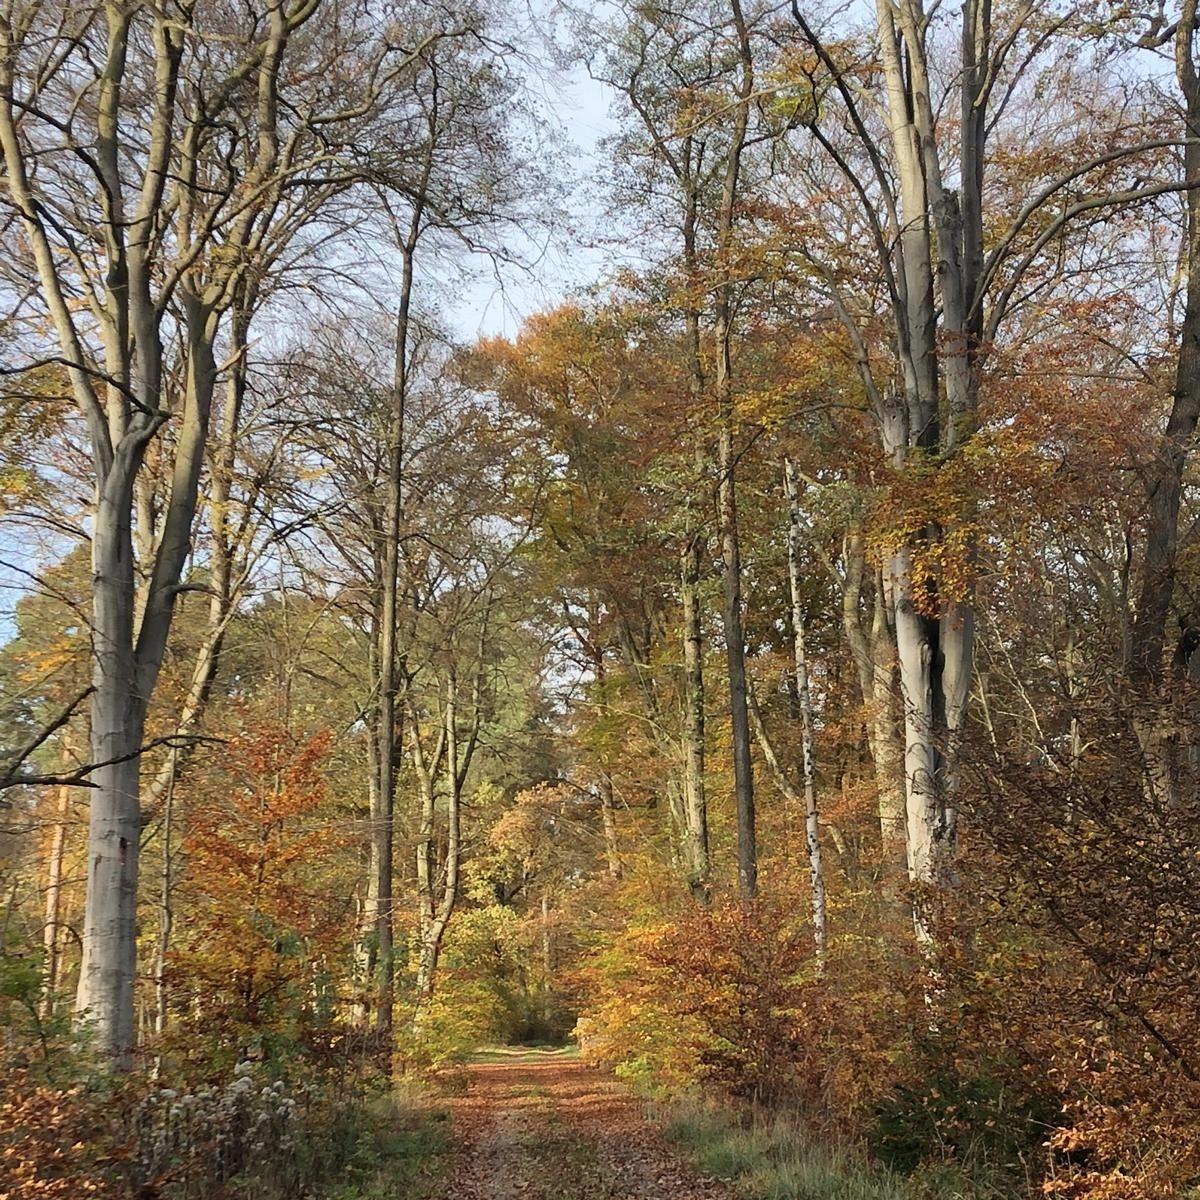 Zukunft für die heimischen Wälder sichern